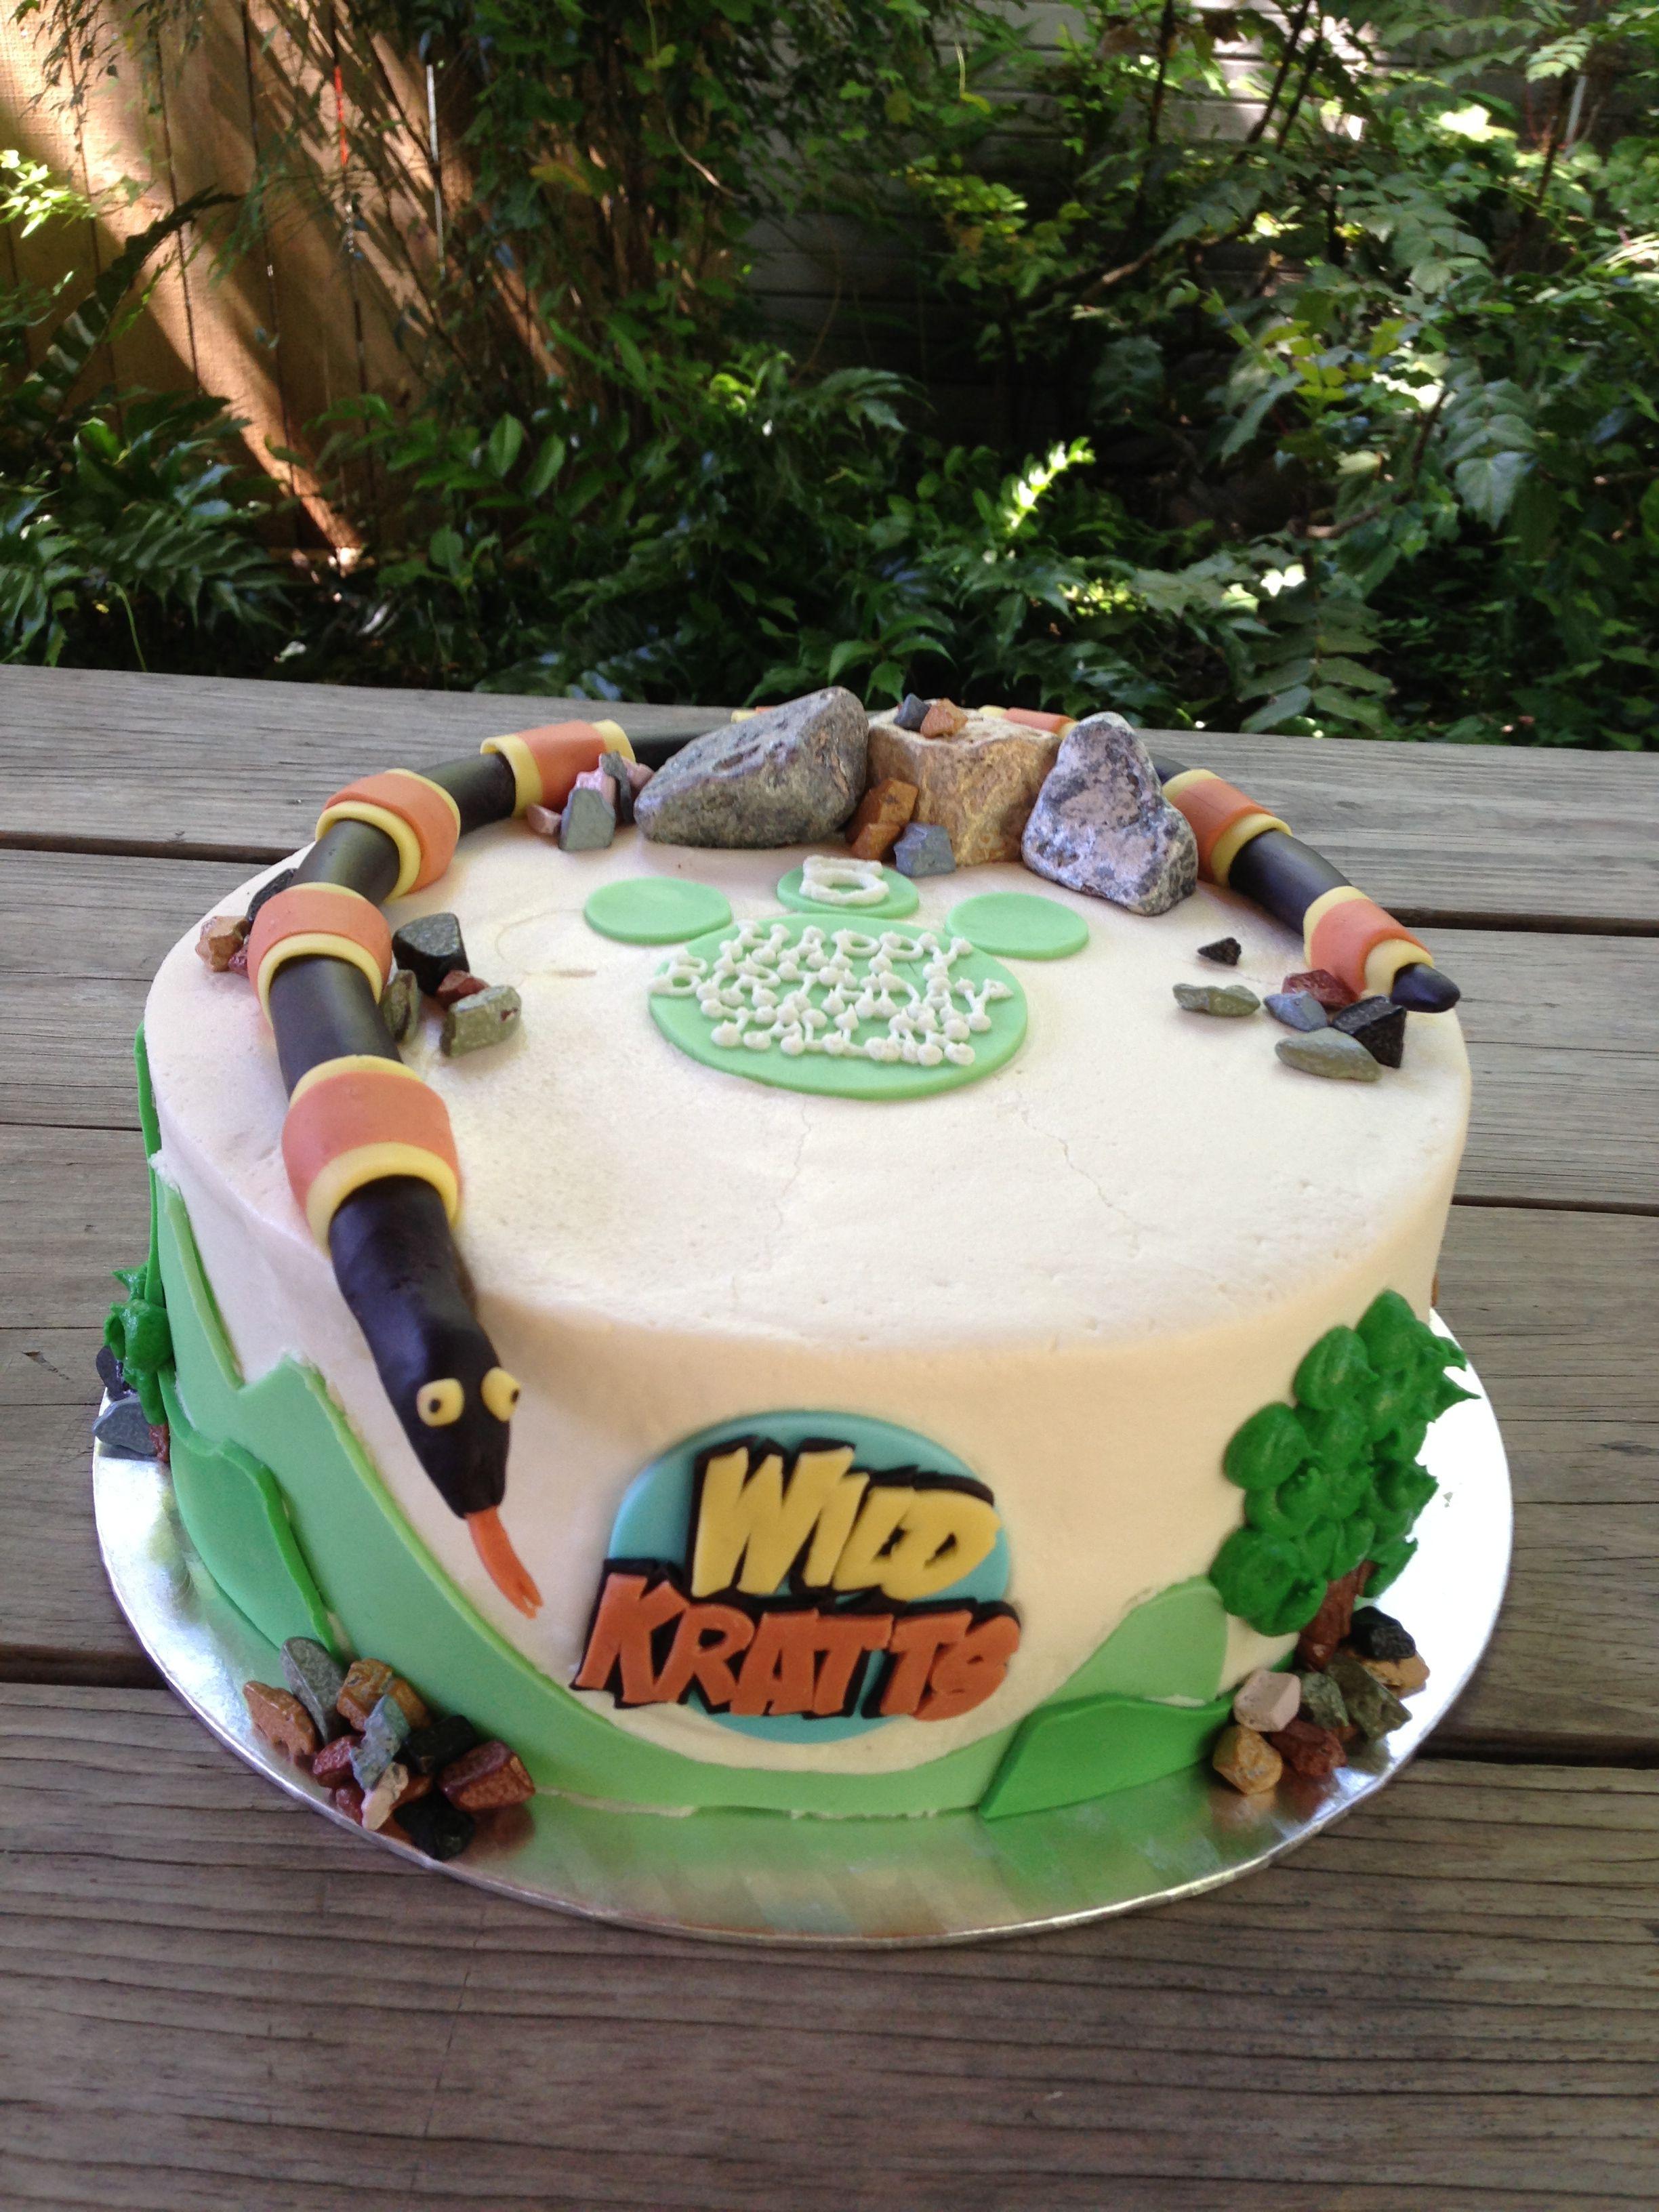 Wild Kratts cake by Laura Louis Houston, TX - BEST WILD ...